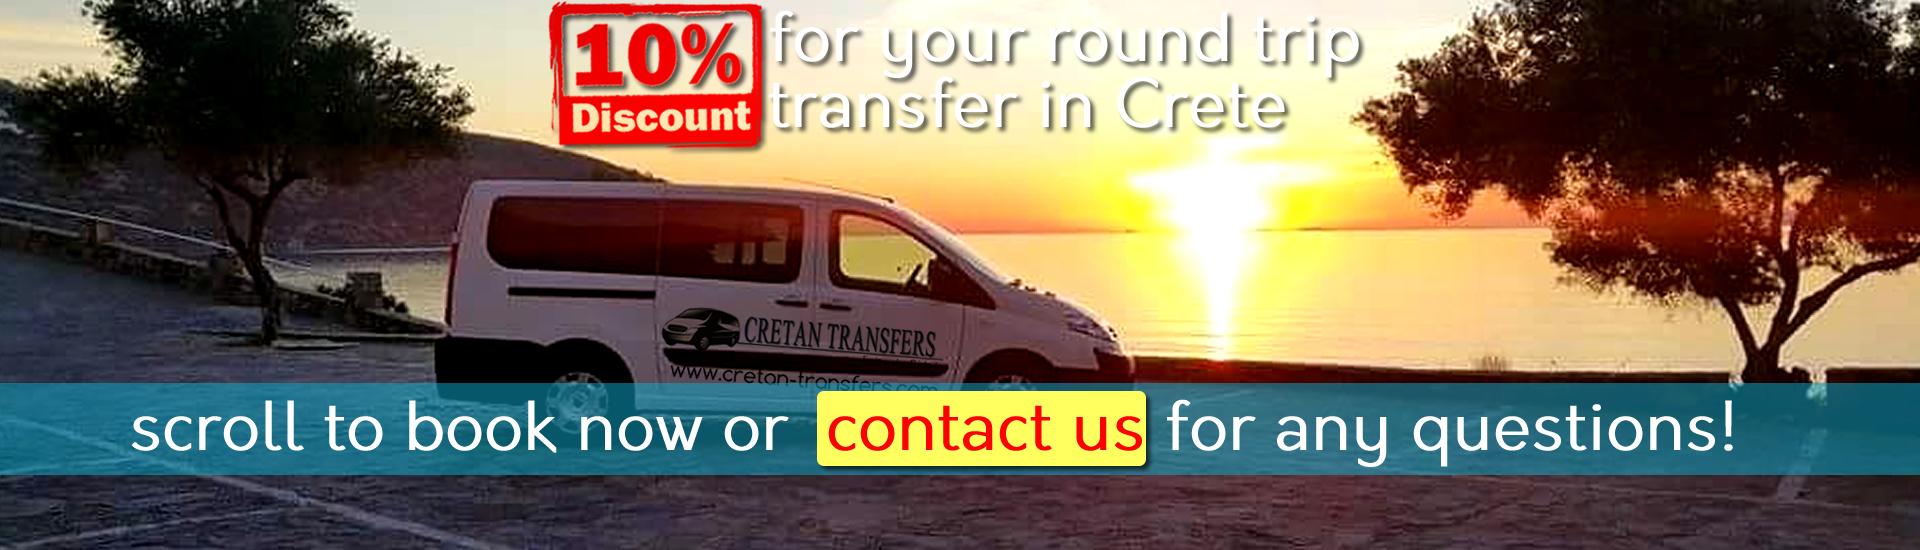 banner-transfer-crete-cretan-transfer-services4